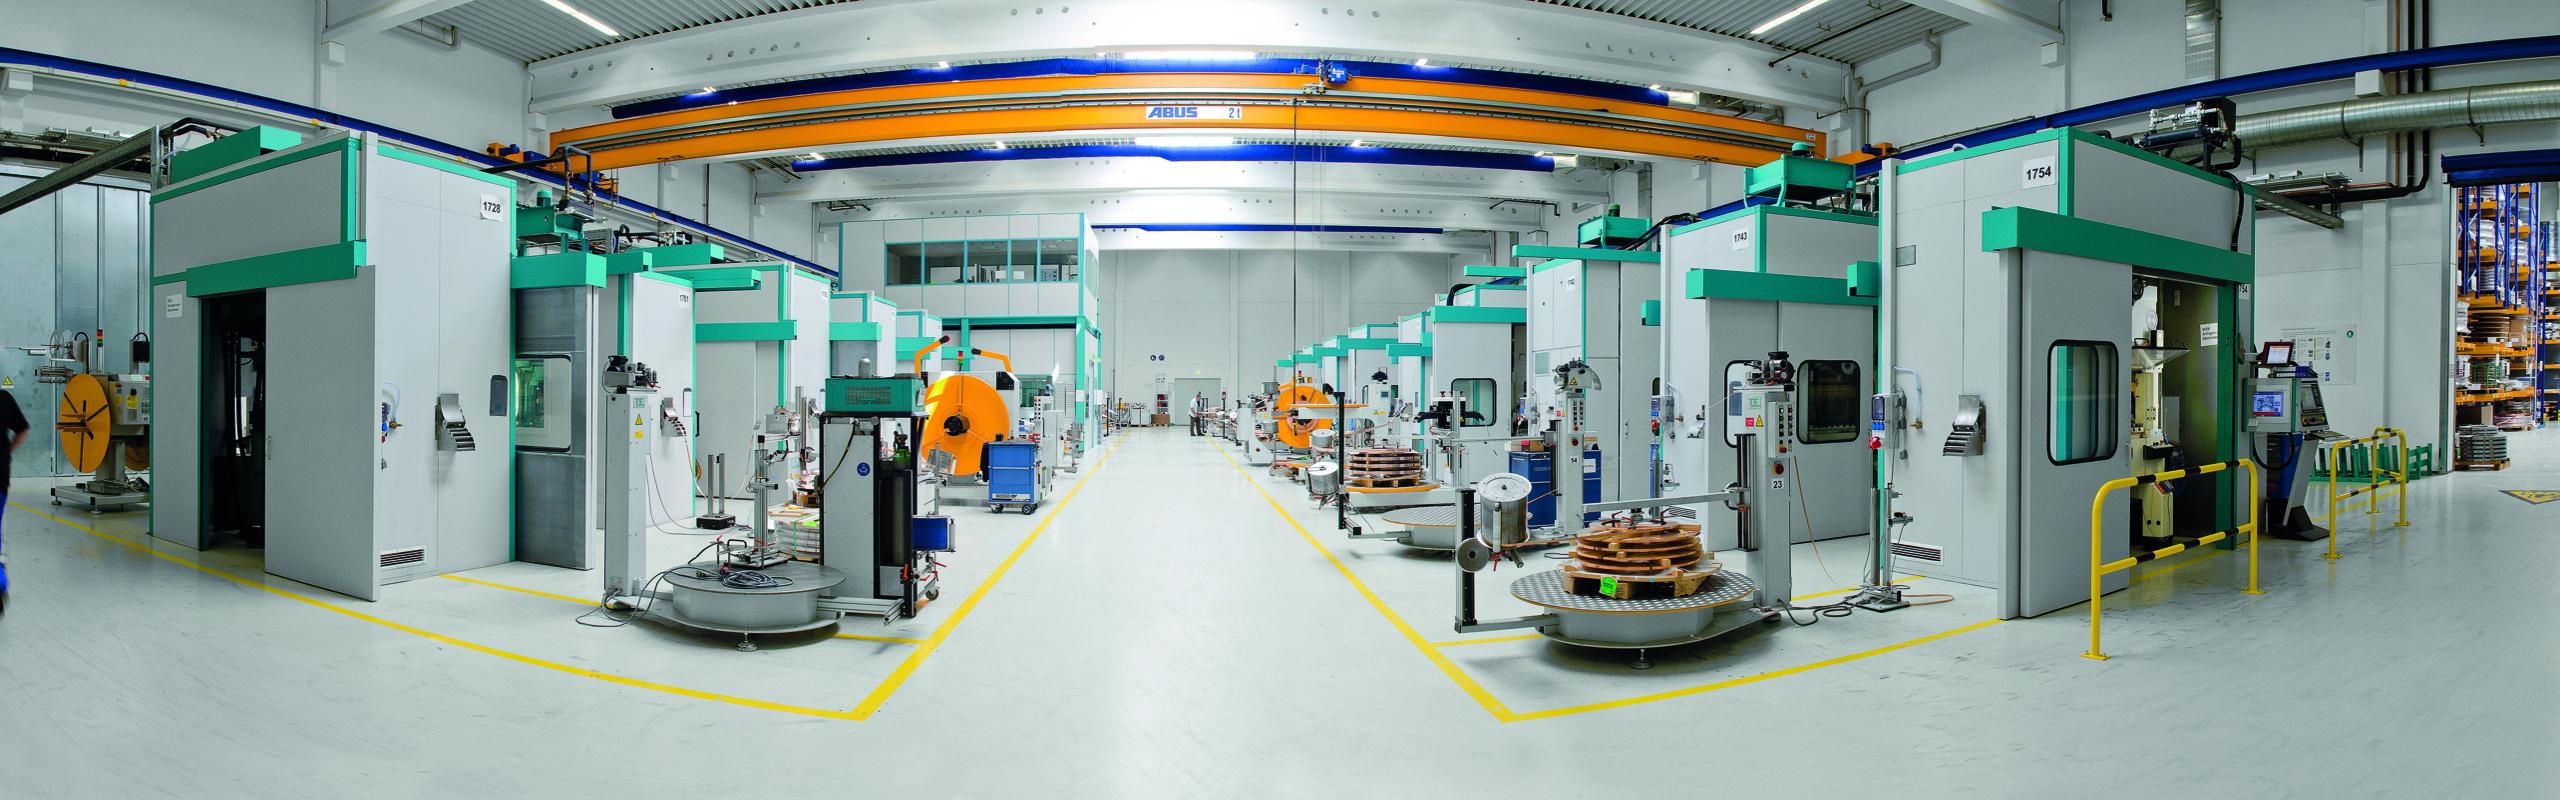 Der Schlüssel für Transparenz und Effizienz in der Produktion